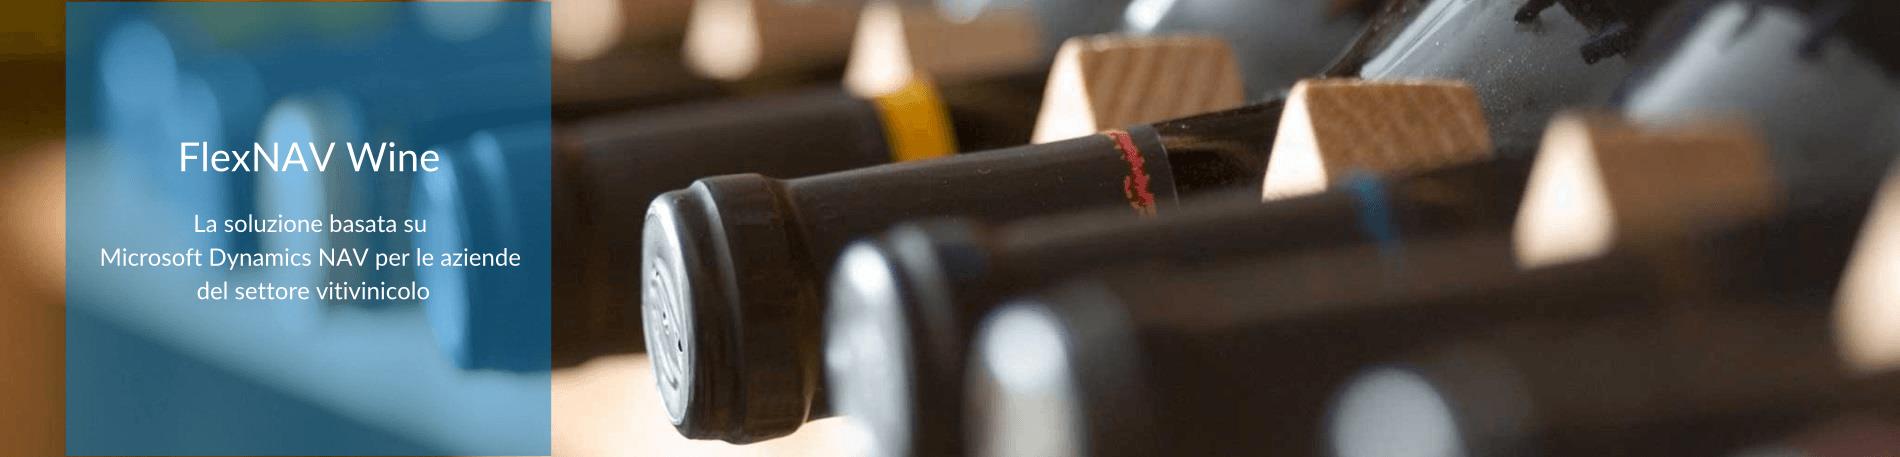 flexnav microsoft dynamics nav settore vitivinicolo